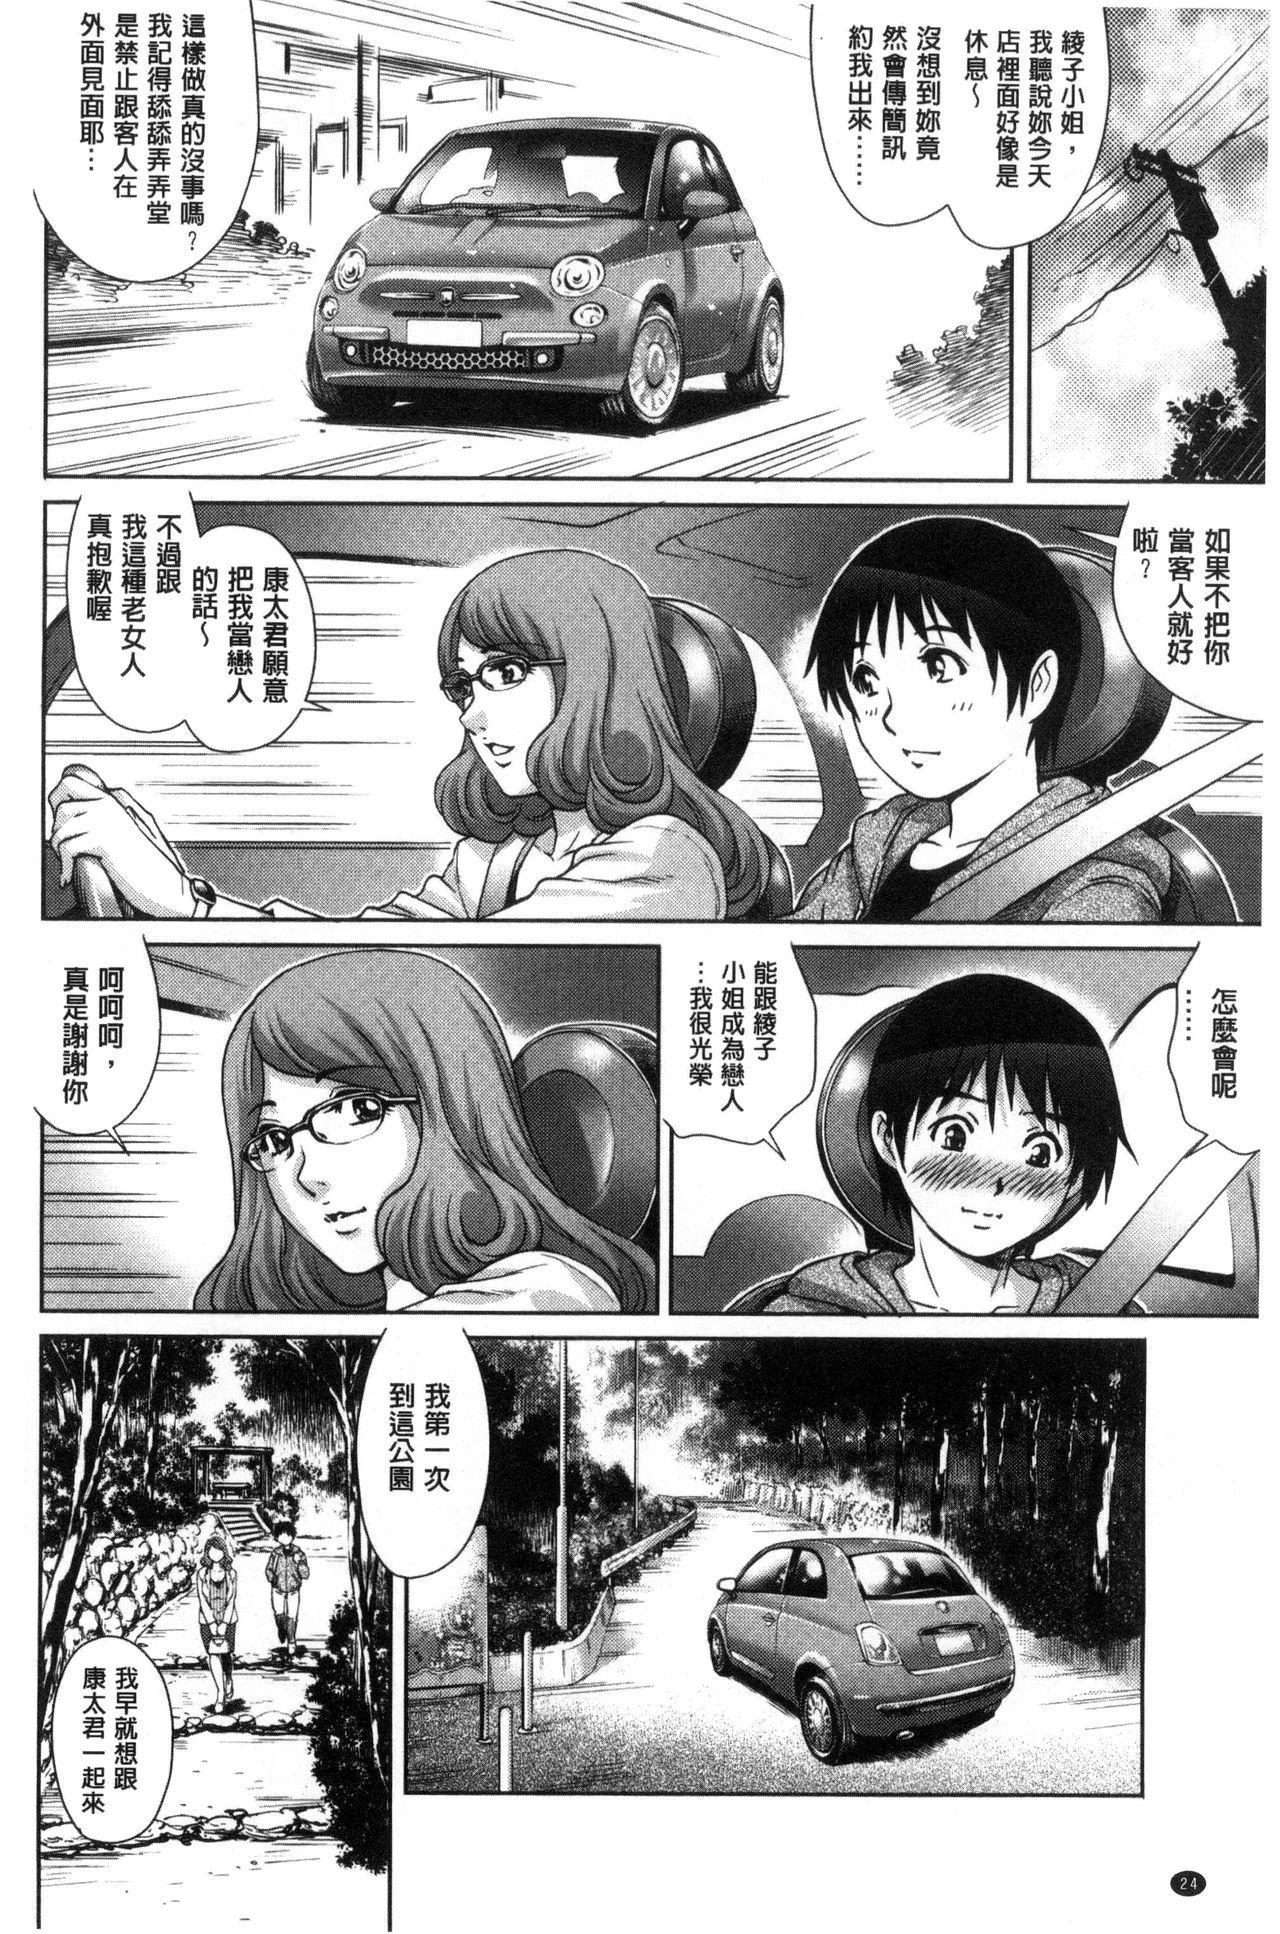 Megami-tachi no Complex | 女神們的COMPLEXES 26